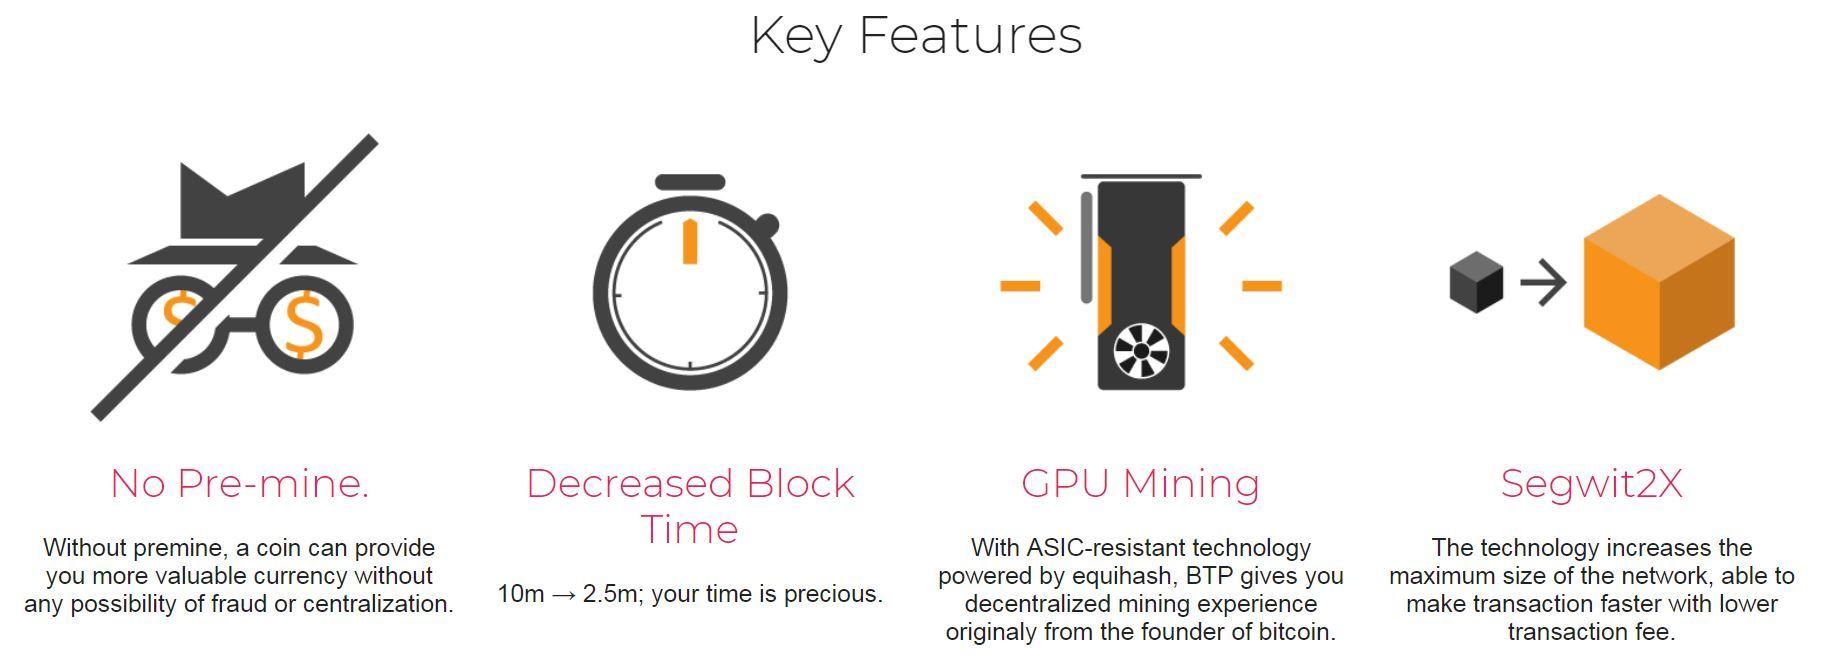 비트코인플래티늄의 주요 특징. 출처: https://bitcoinplatinum.github.io